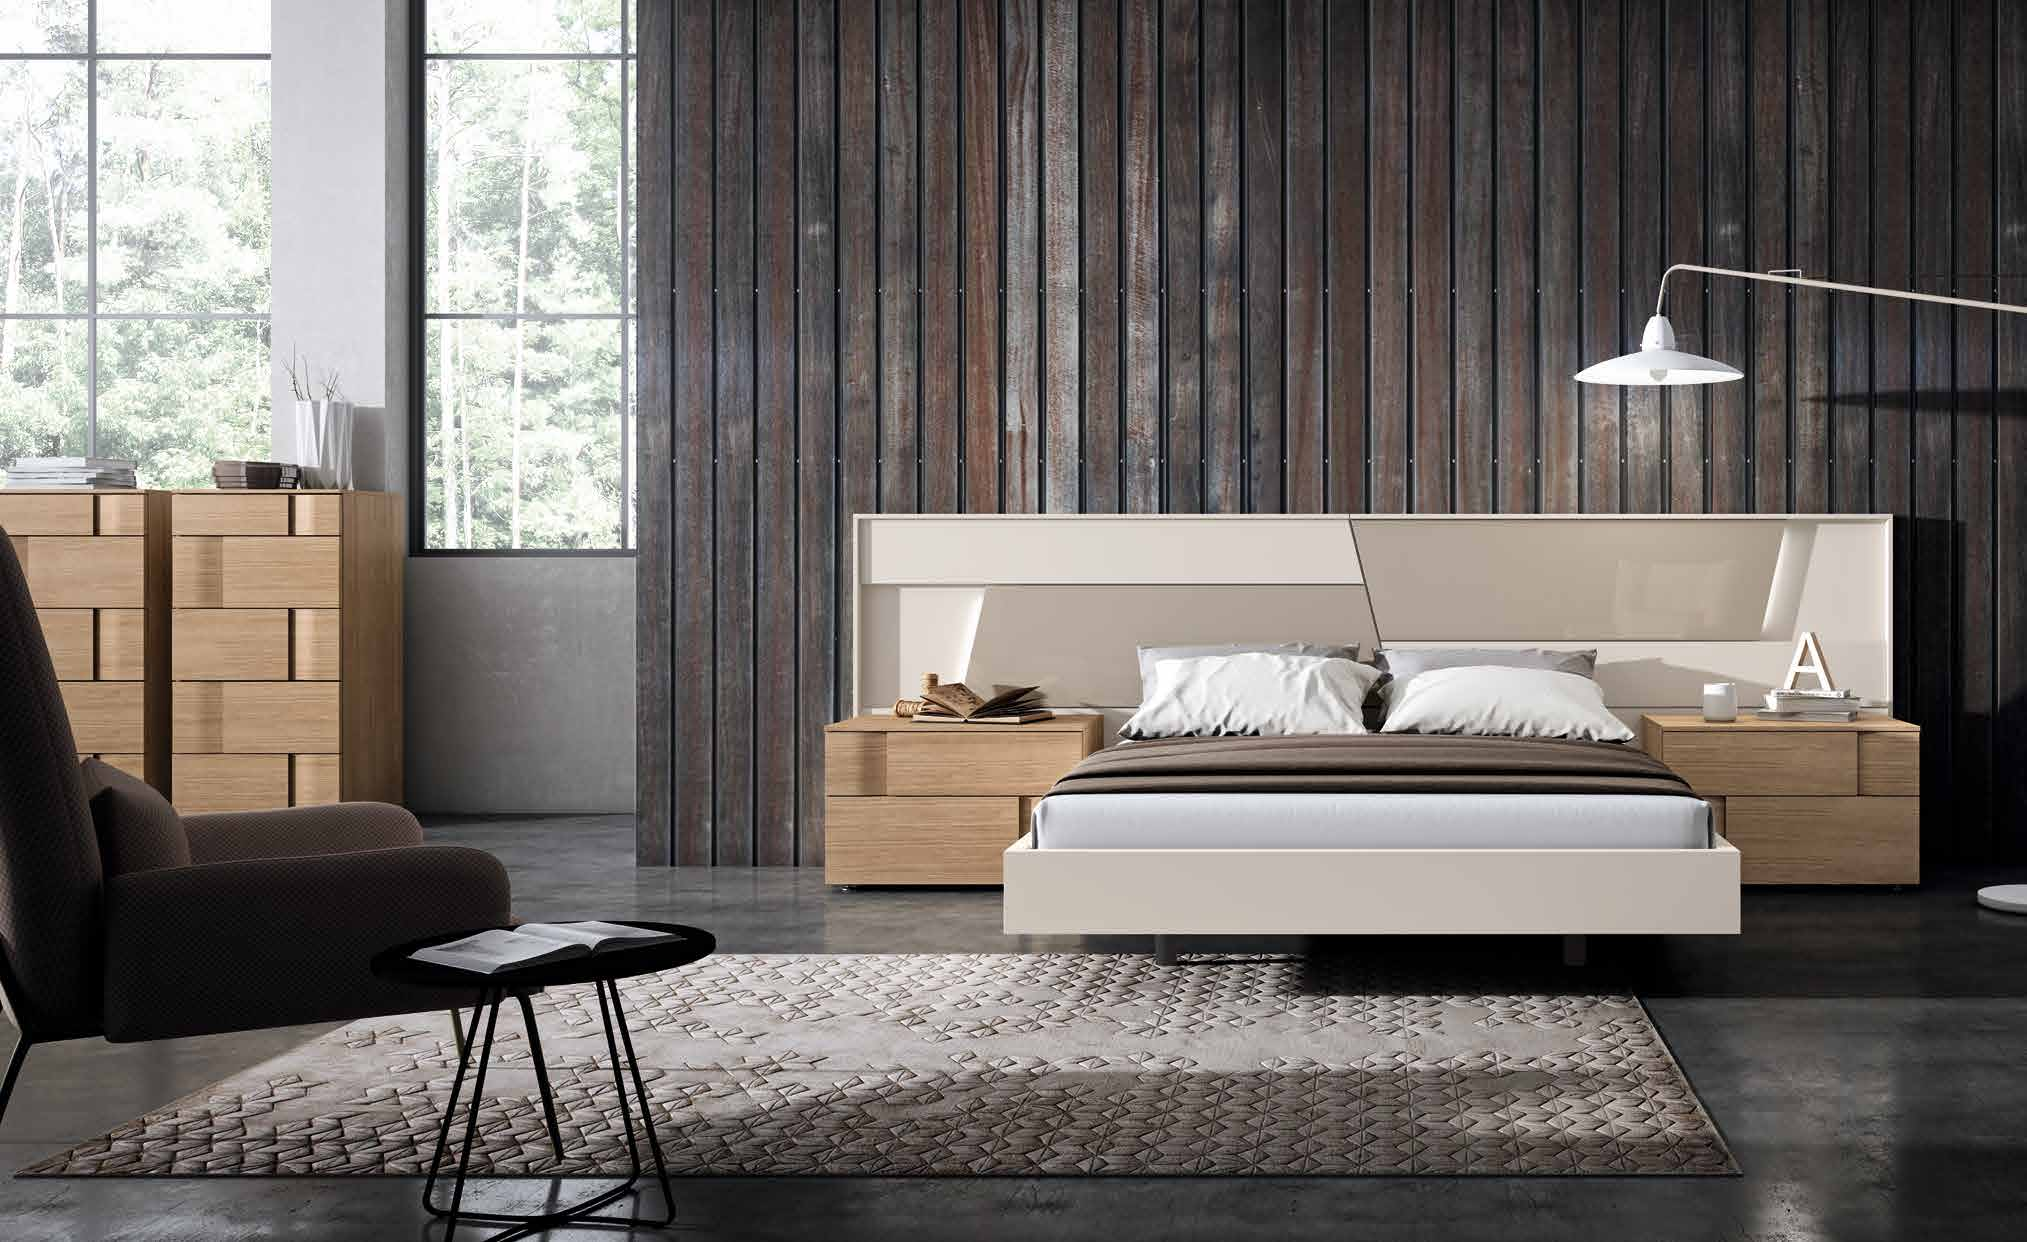 moderno-1-Grafica-muebles-paco-caballero-720-5c93e03be1113